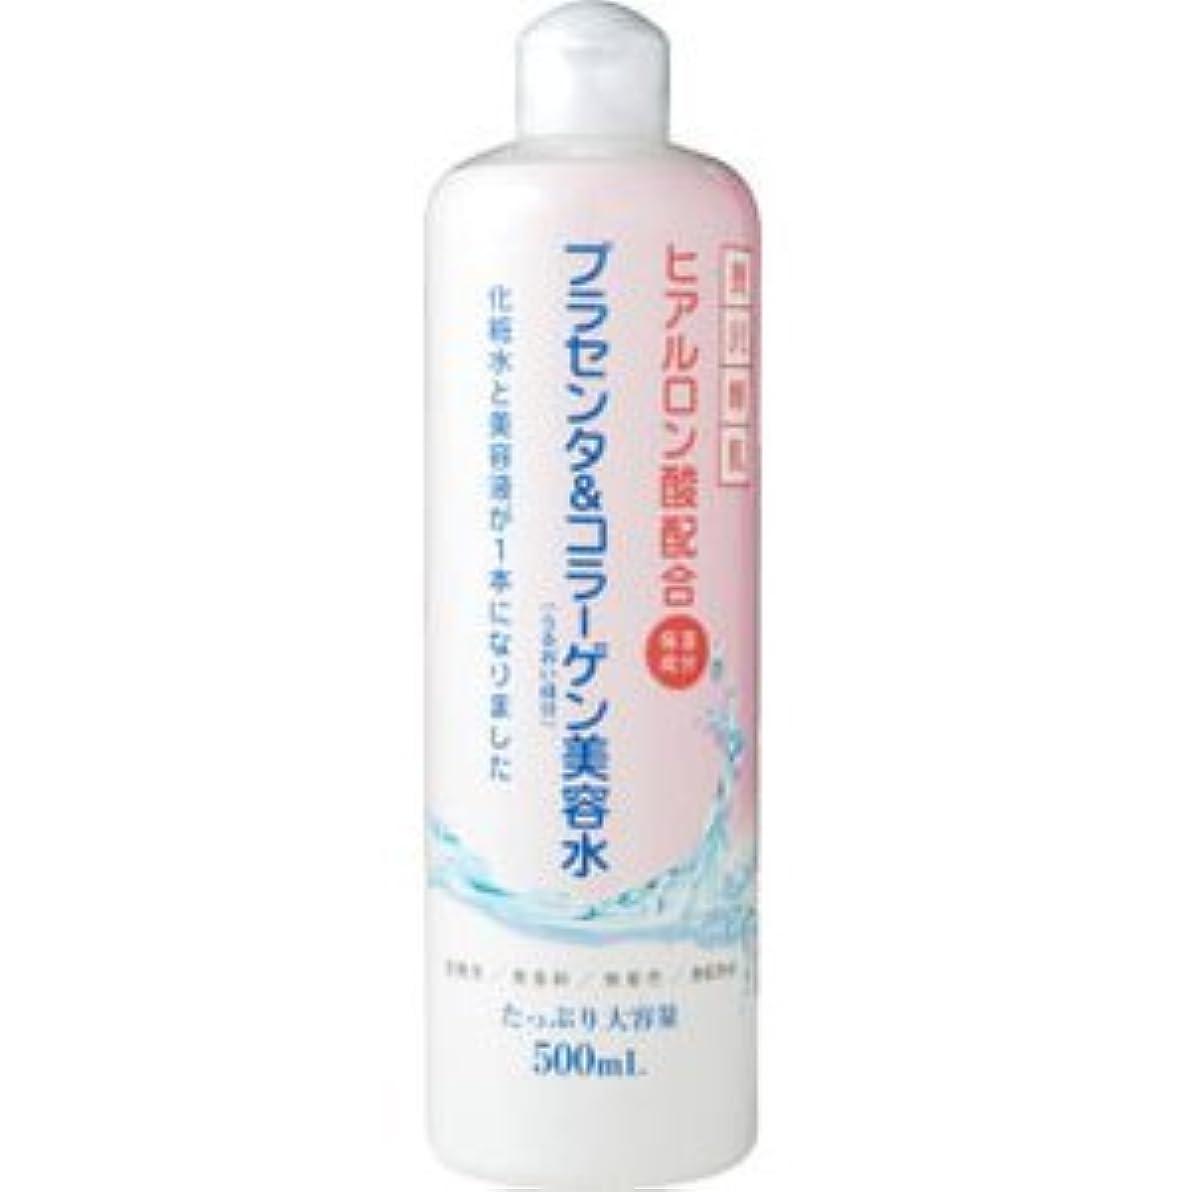 肌不幸四回化粧水?美容液がこの1本!大容量サイズ?低価格『贅沢輝肌 美容水』 (プラセンタ&コラーゲン)